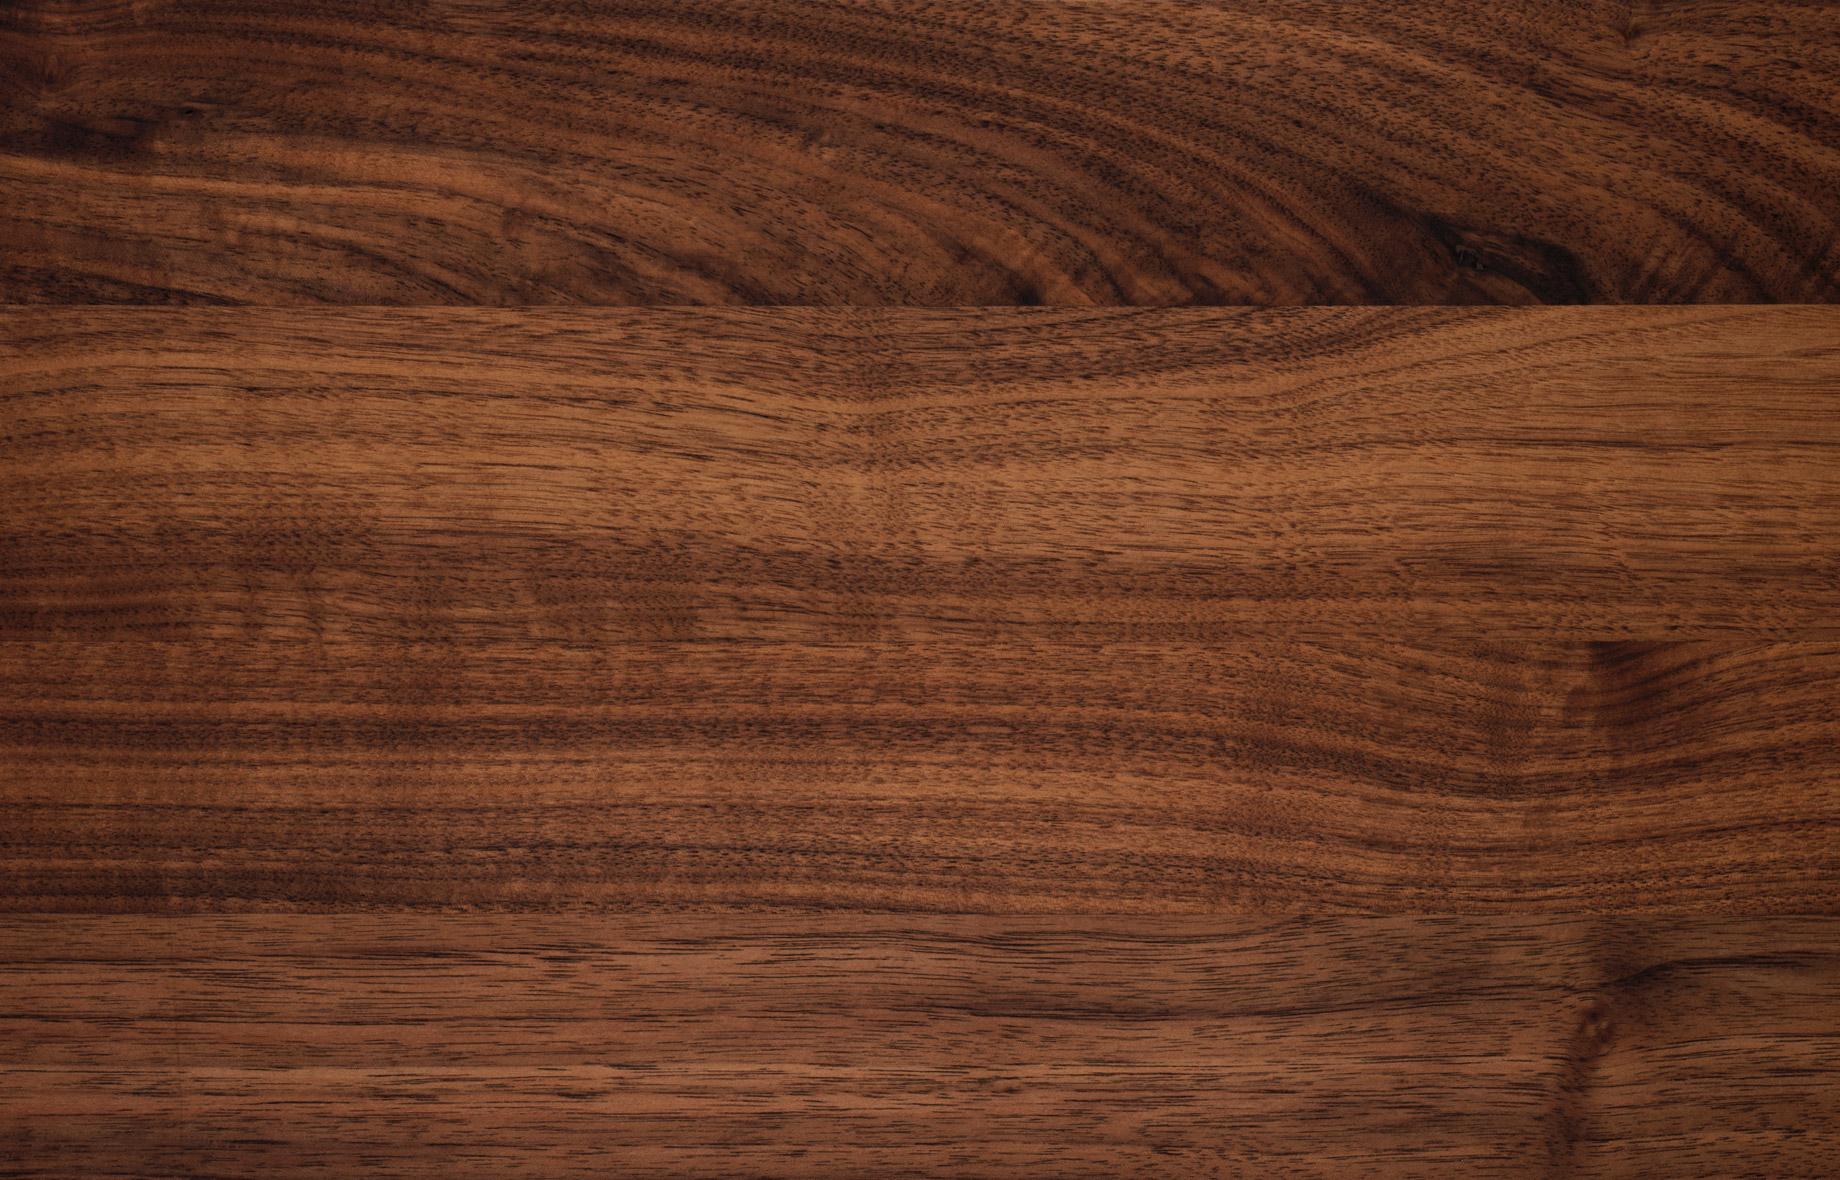 et11 ka ausziehtisch aus nussbaum massiv von frohraum. Black Bedroom Furniture Sets. Home Design Ideas